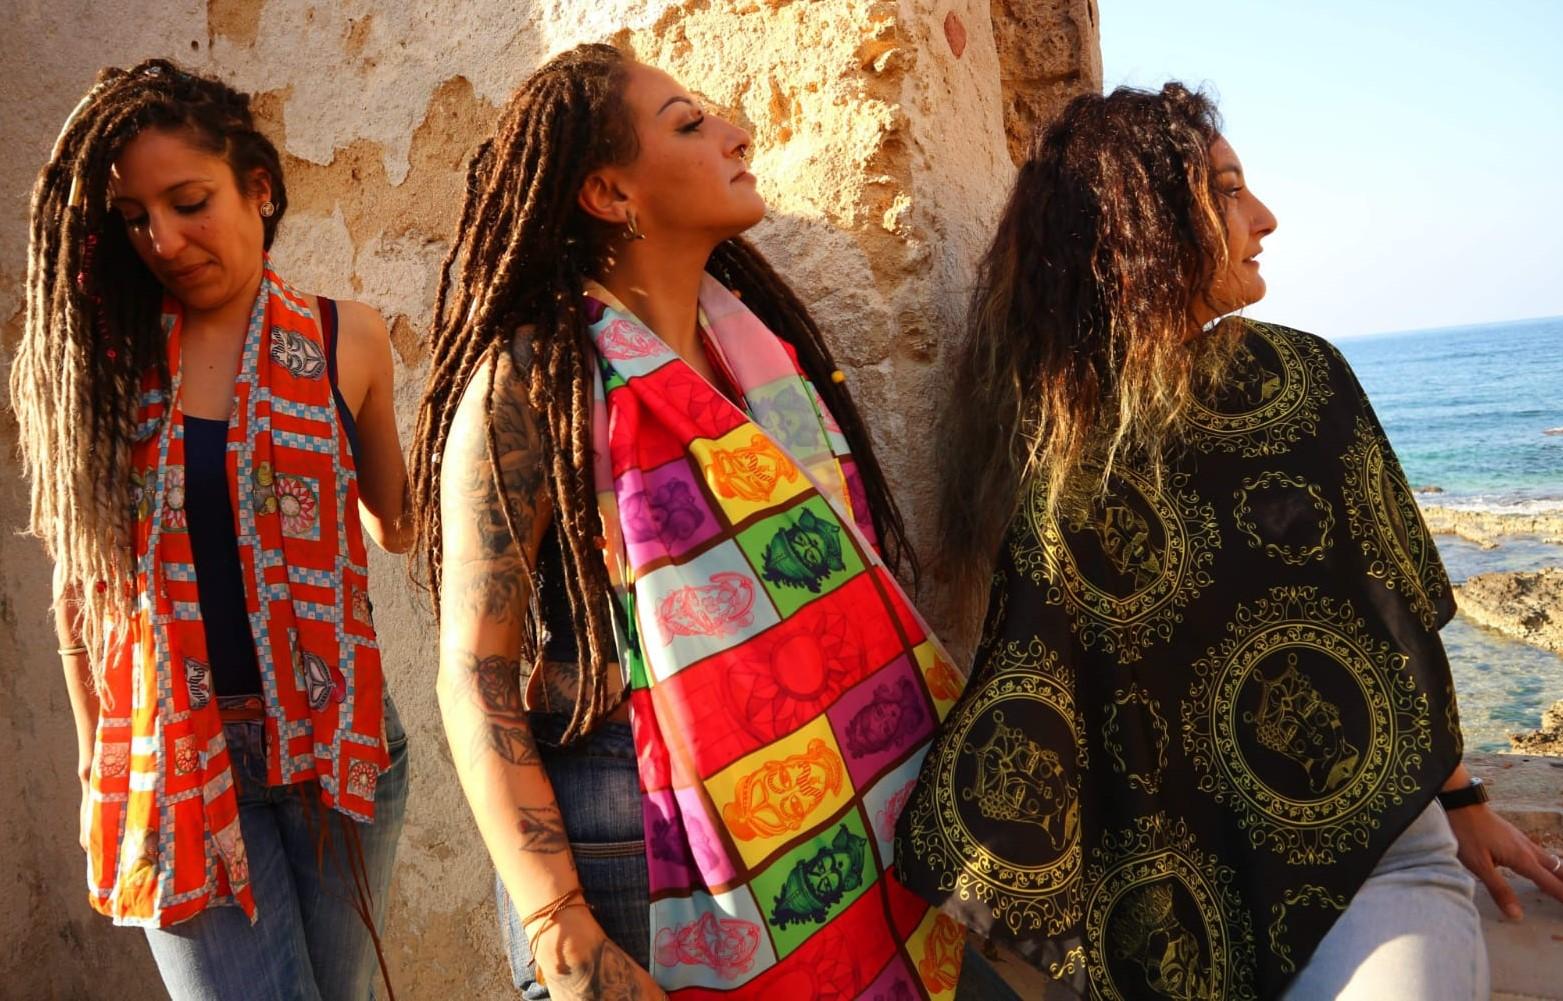 Moda, i foulard e le stoffe di Valentina Ciadamidaro,con disegni ispirati alla cultura siciliana